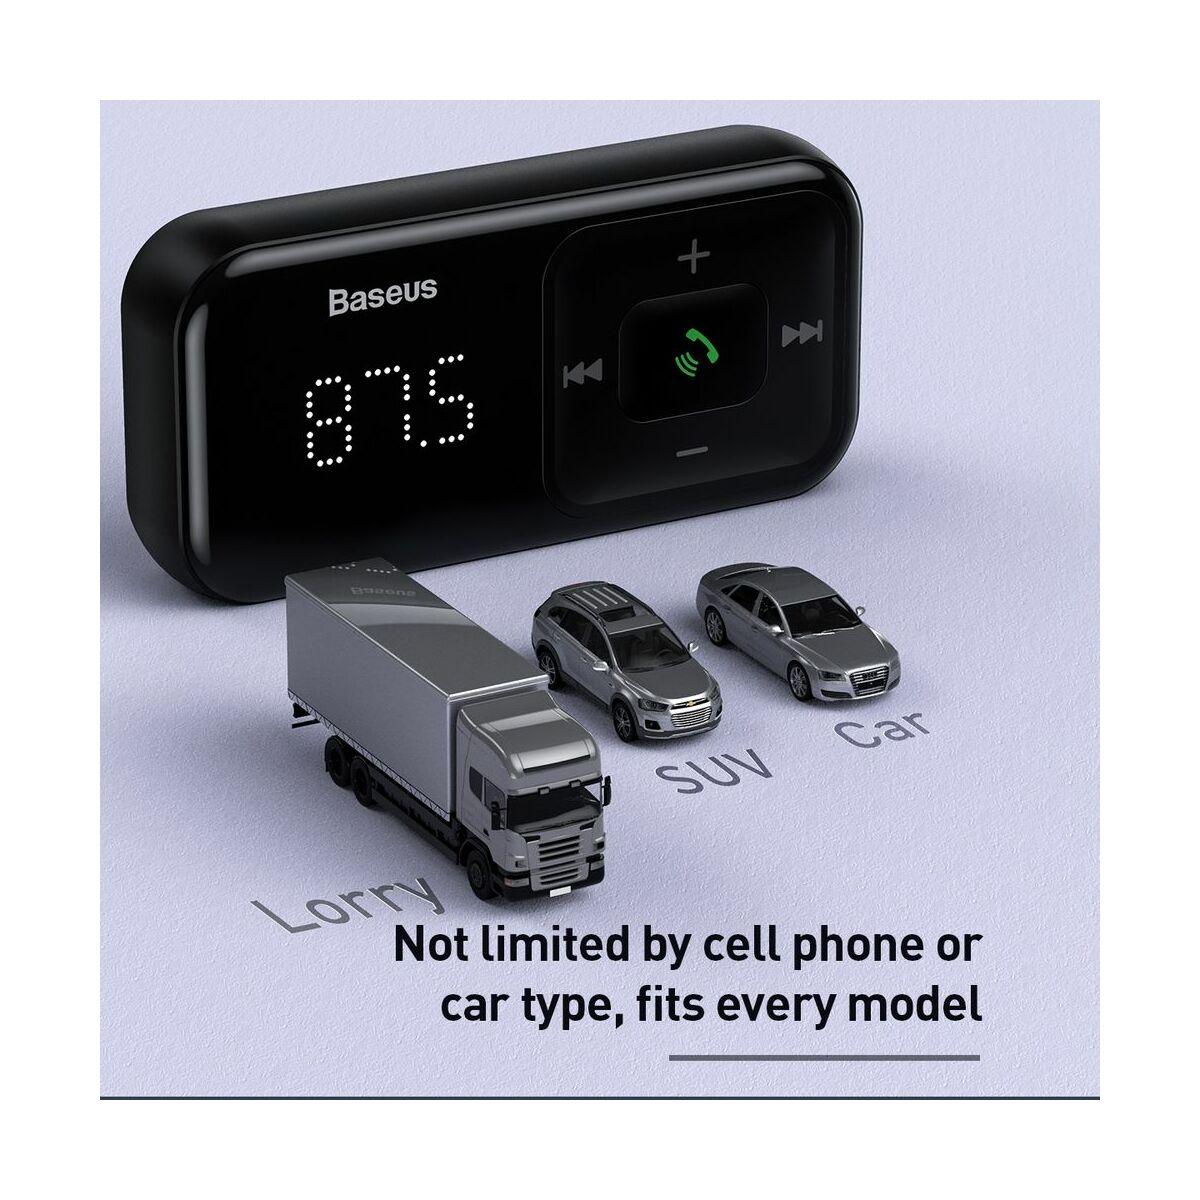 Baseus autós töltő, Bluetooth Fm Transzmitter T-Type S-16 műszerfalra szerelhető kijelzővel, 2xUSB MicroSD, fekete (CCTM-E01)